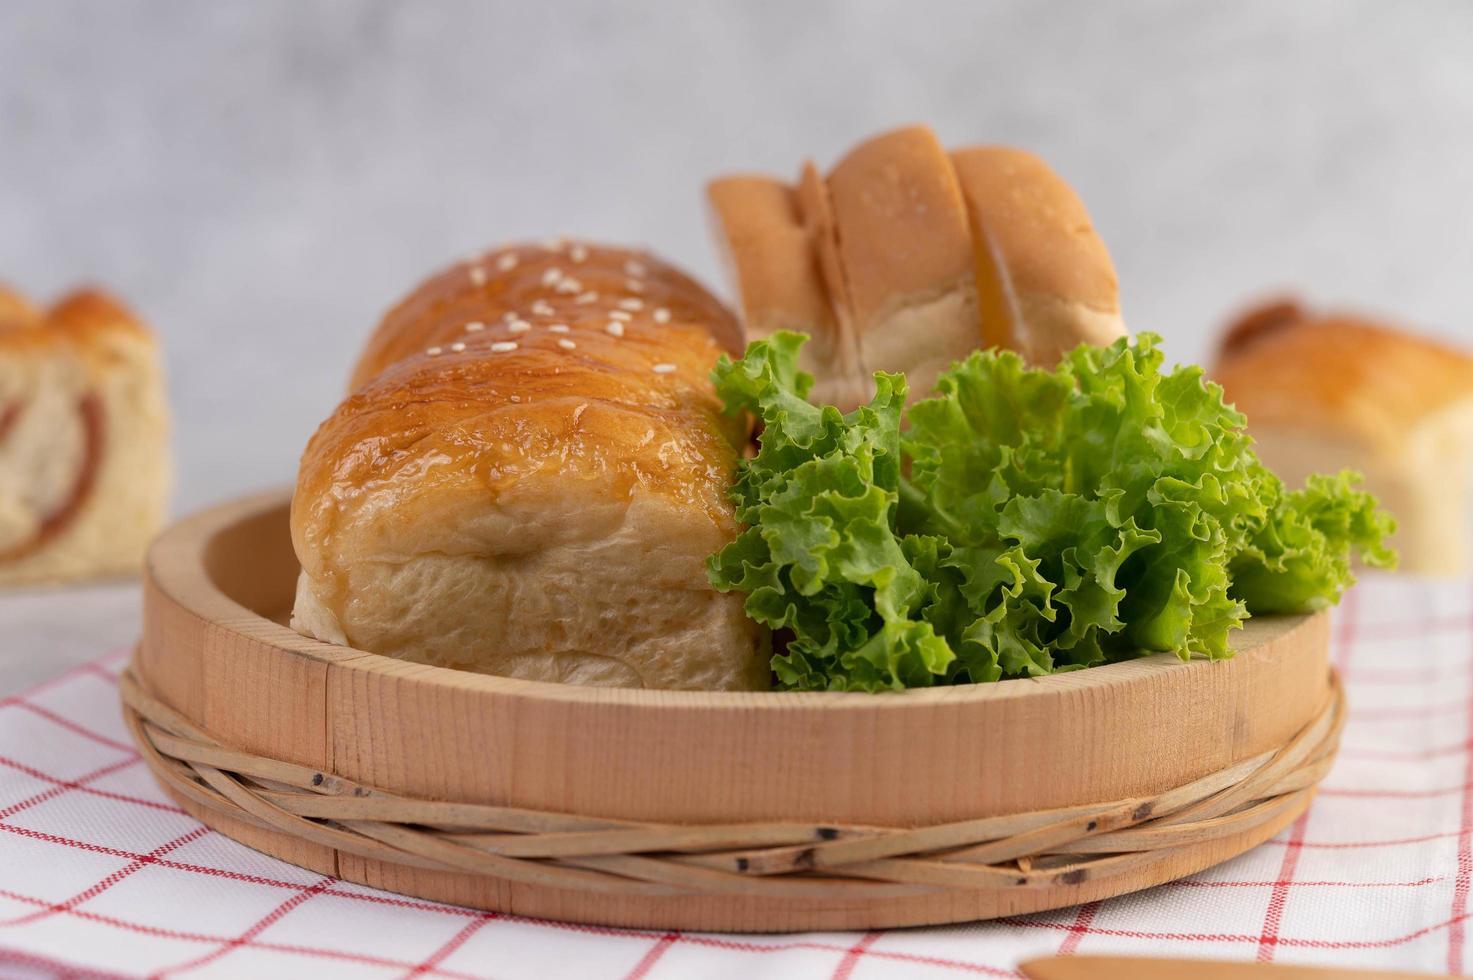 varios panes en una mesa foto